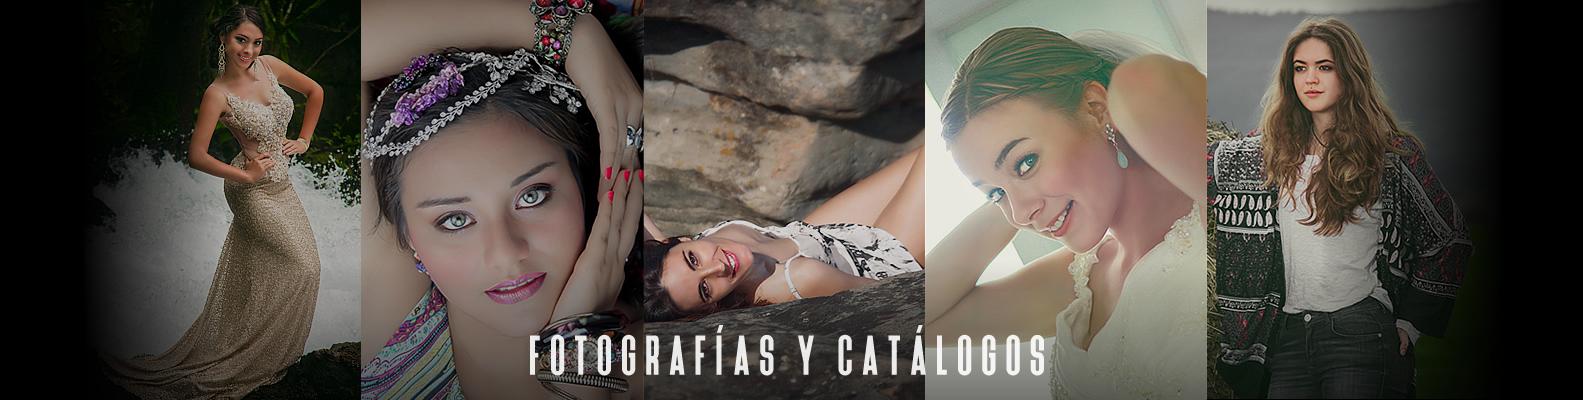 Fotografías y Catálogos